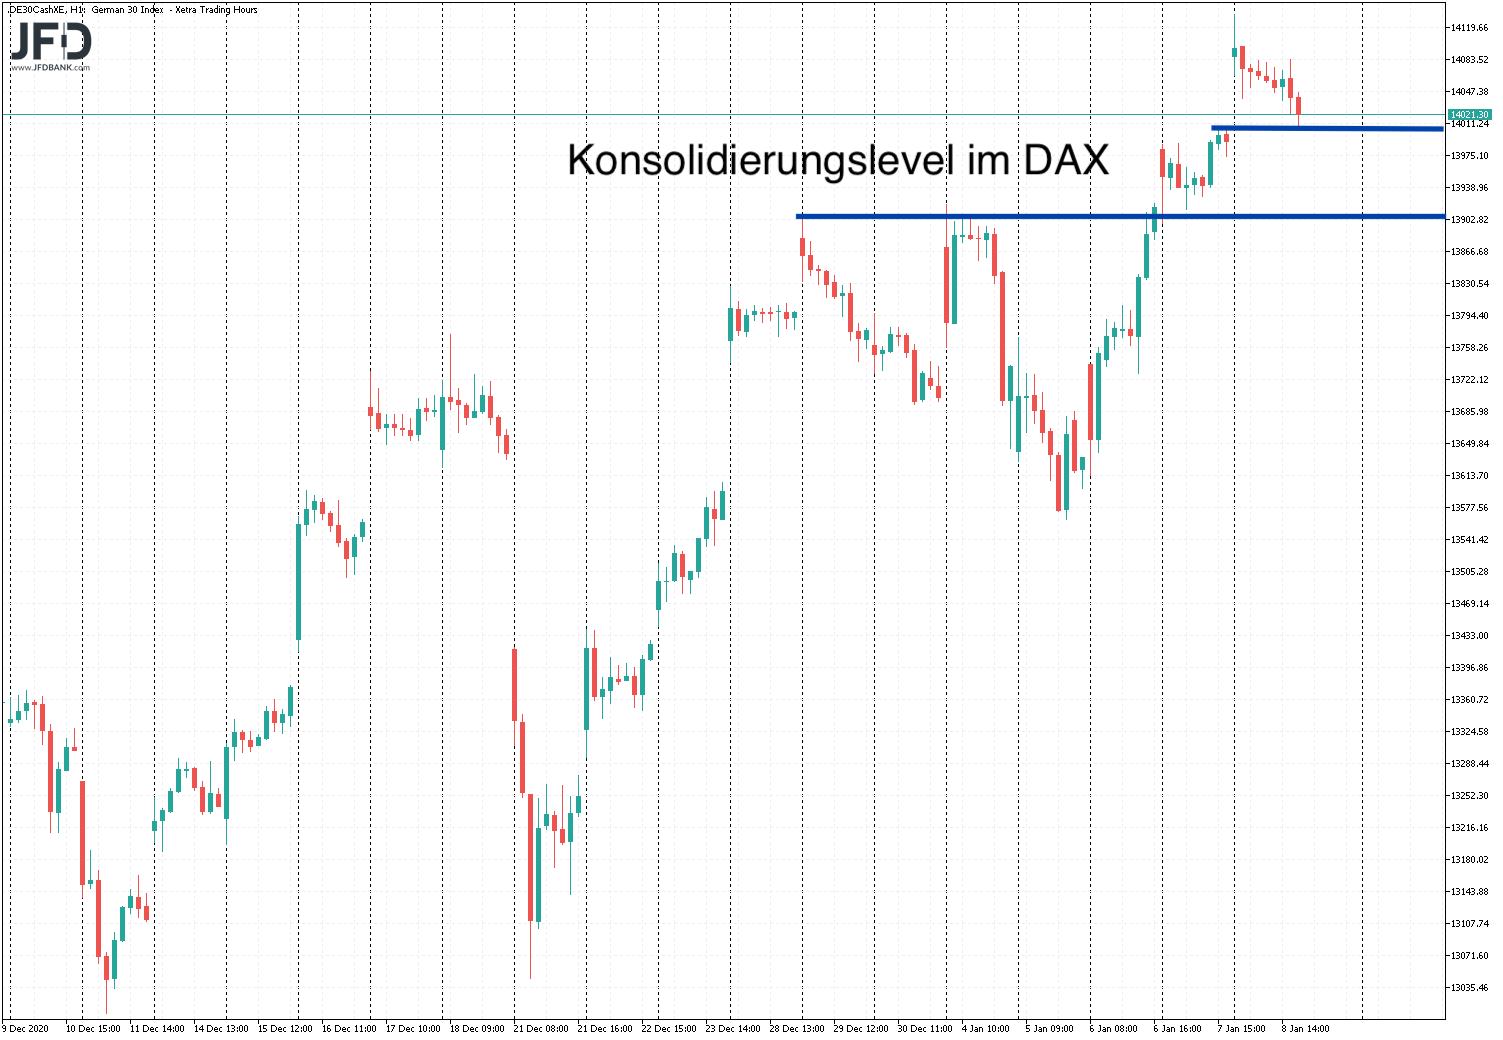 Blick auf DAX-Konsolidierungslevel